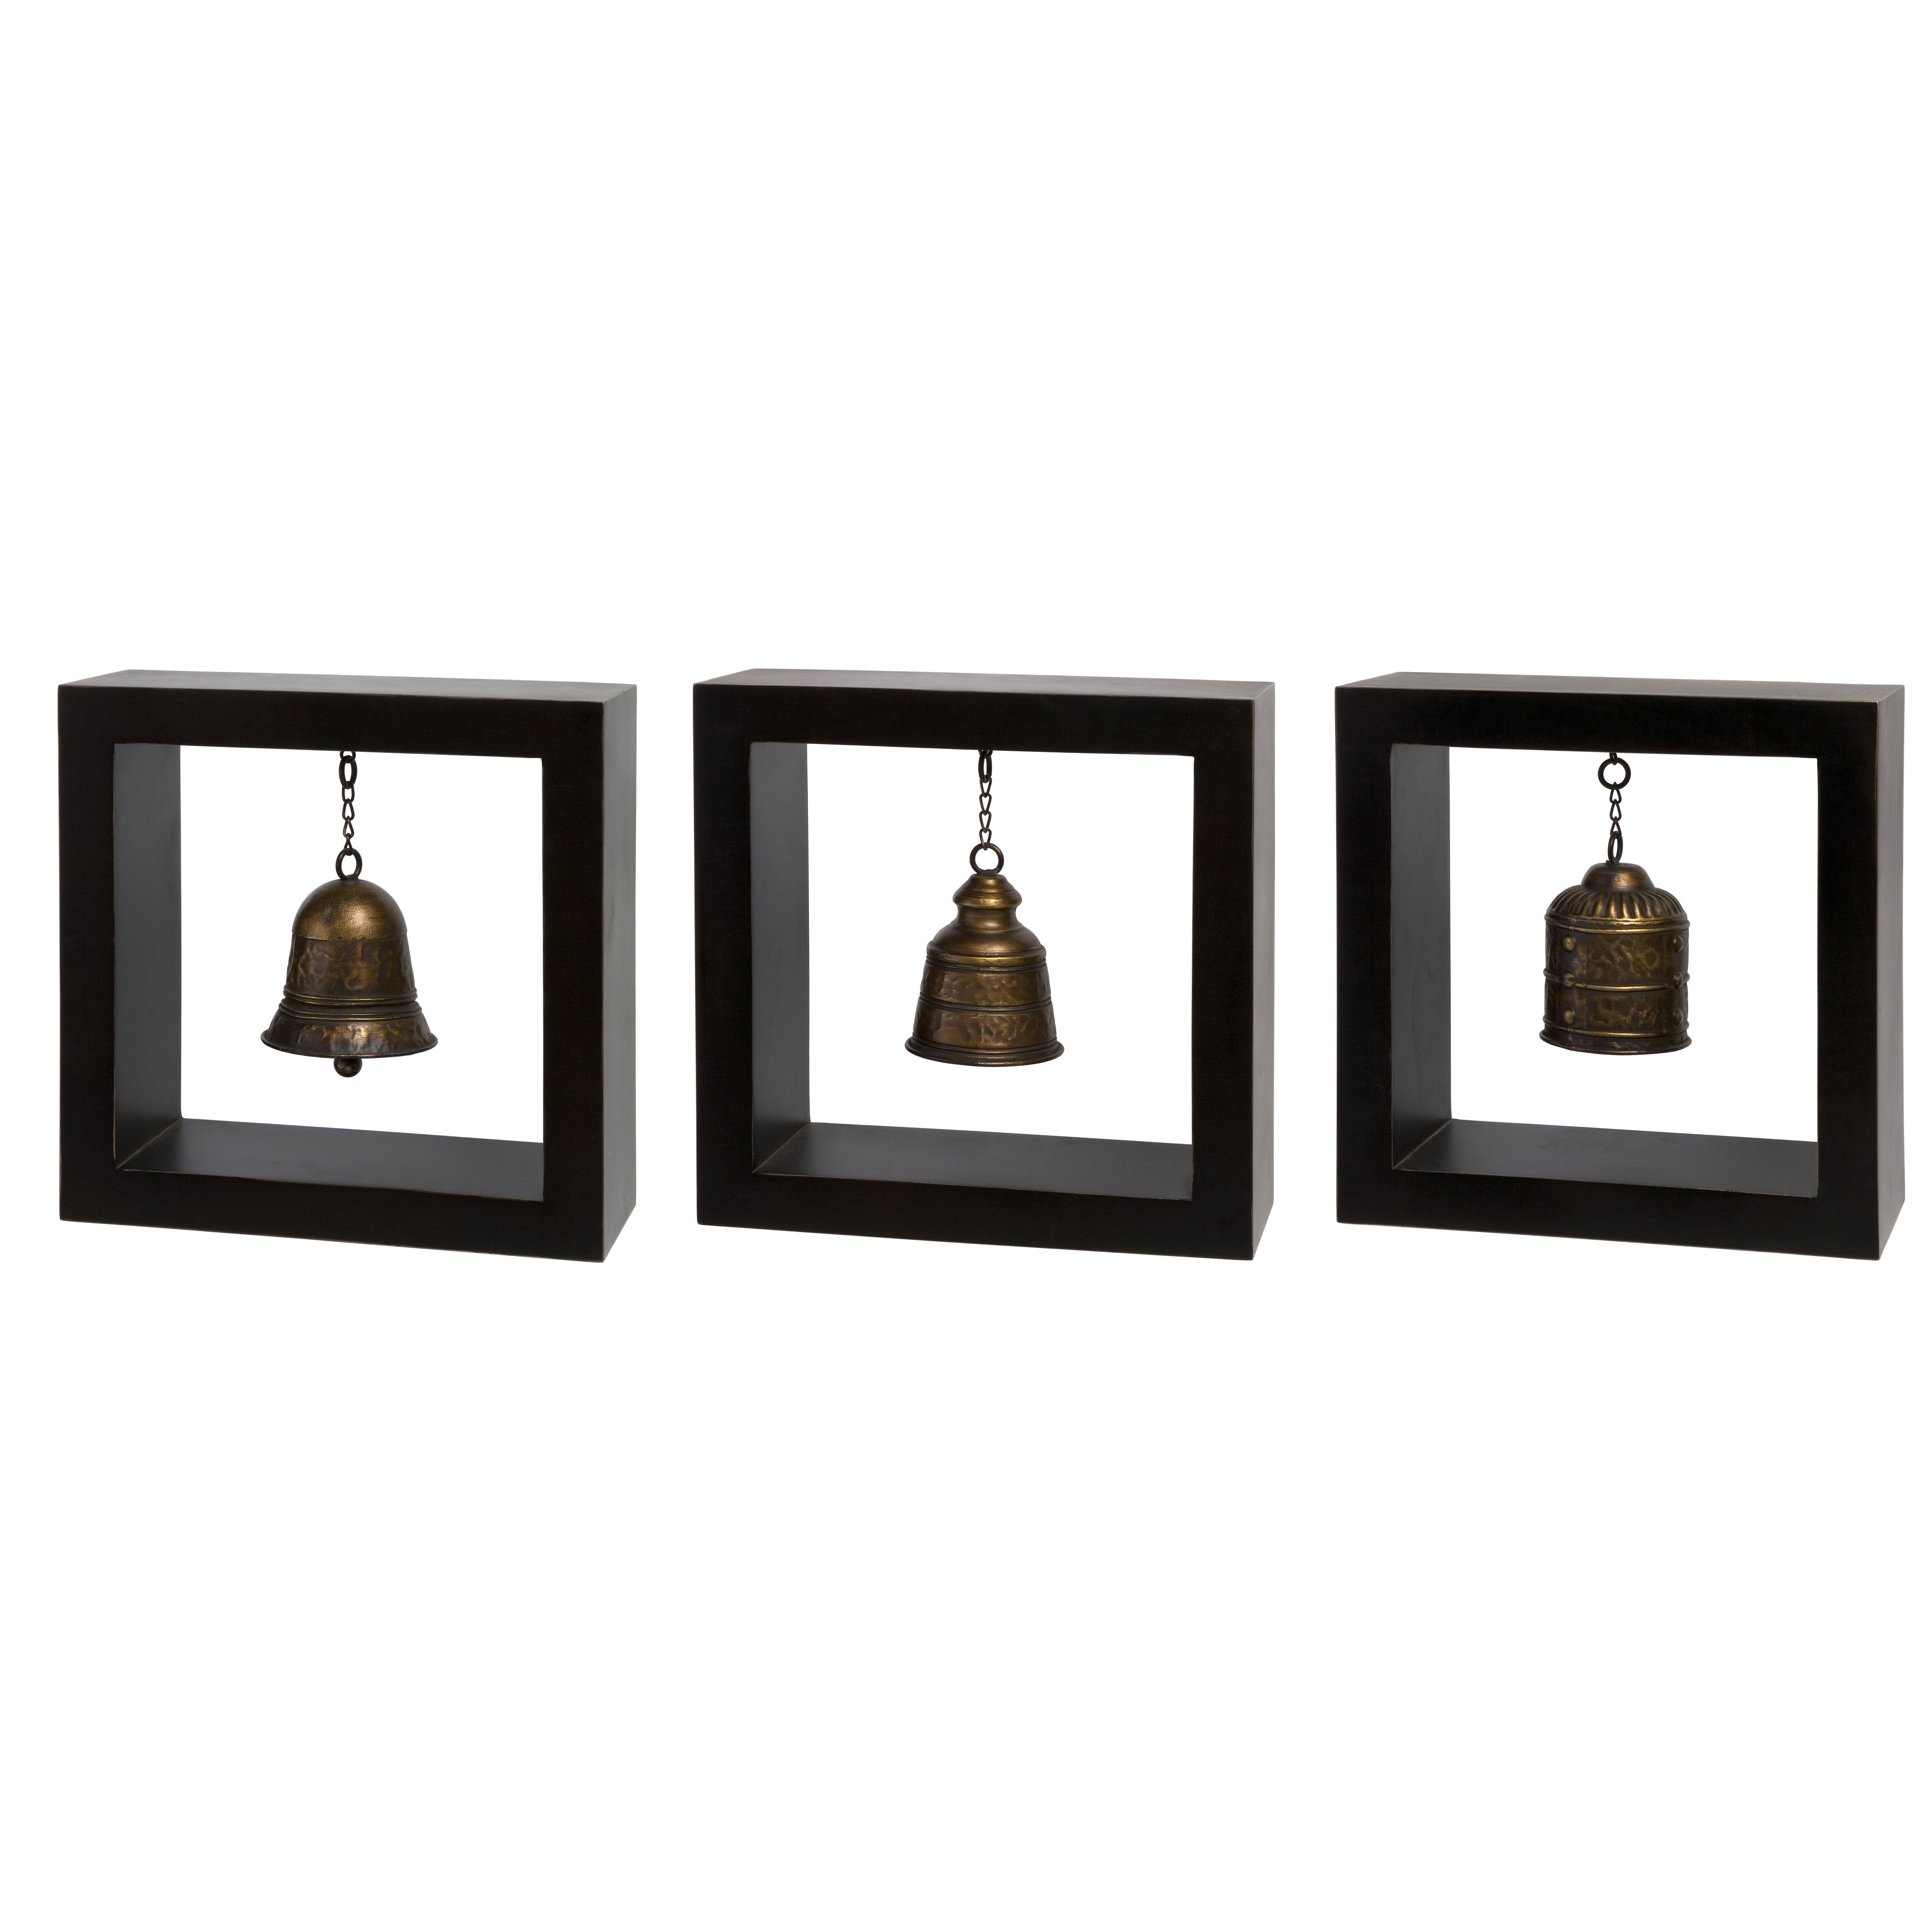 Wall Decor Sets Of 3 : Imax piece framed bell wall d?cor set reviews wayfair